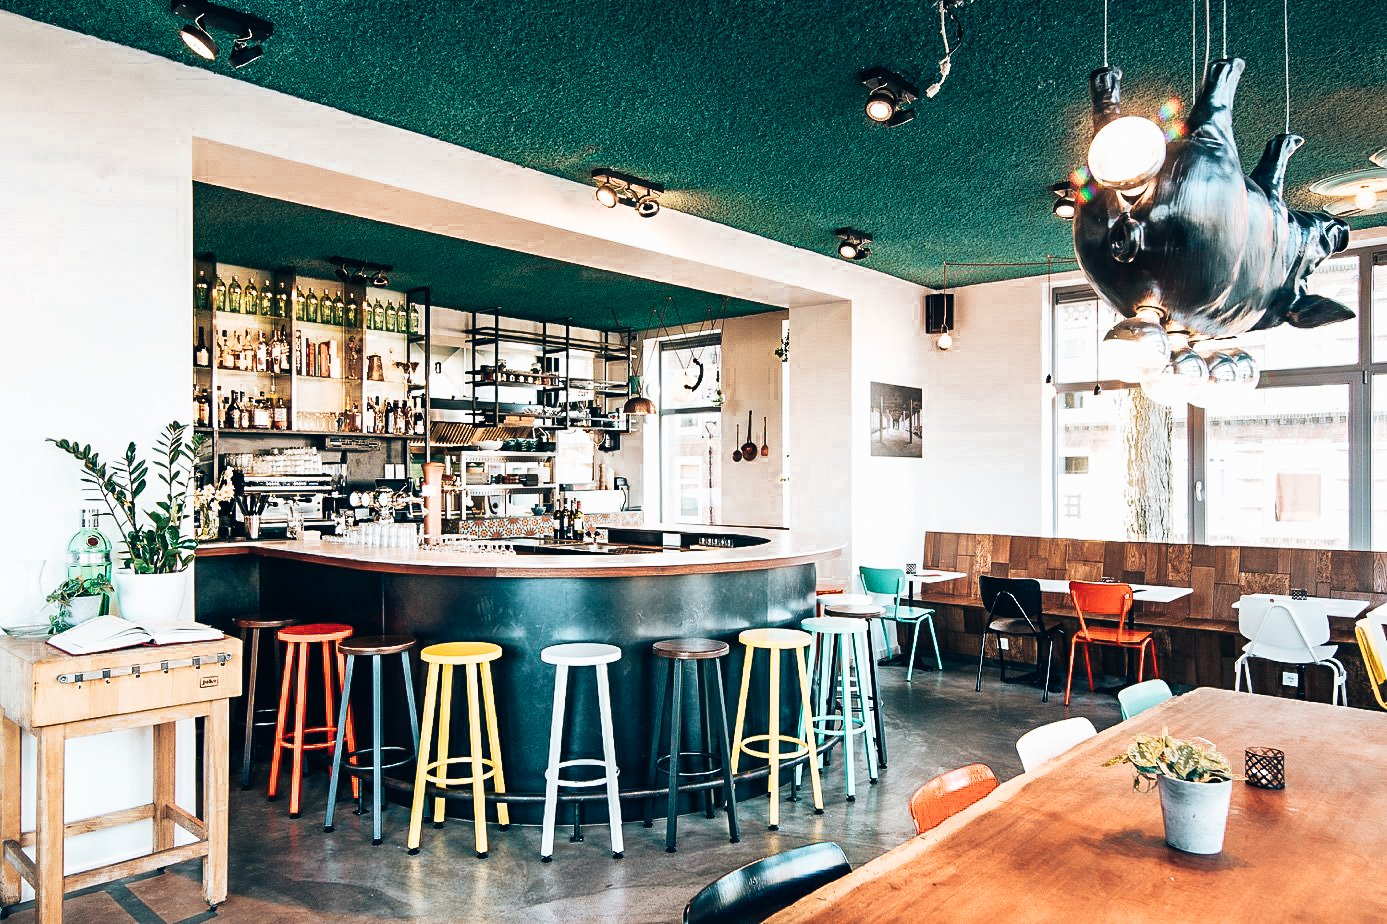 De bar van Taberna Pikoteo, Amsterdam, Alles over gin.